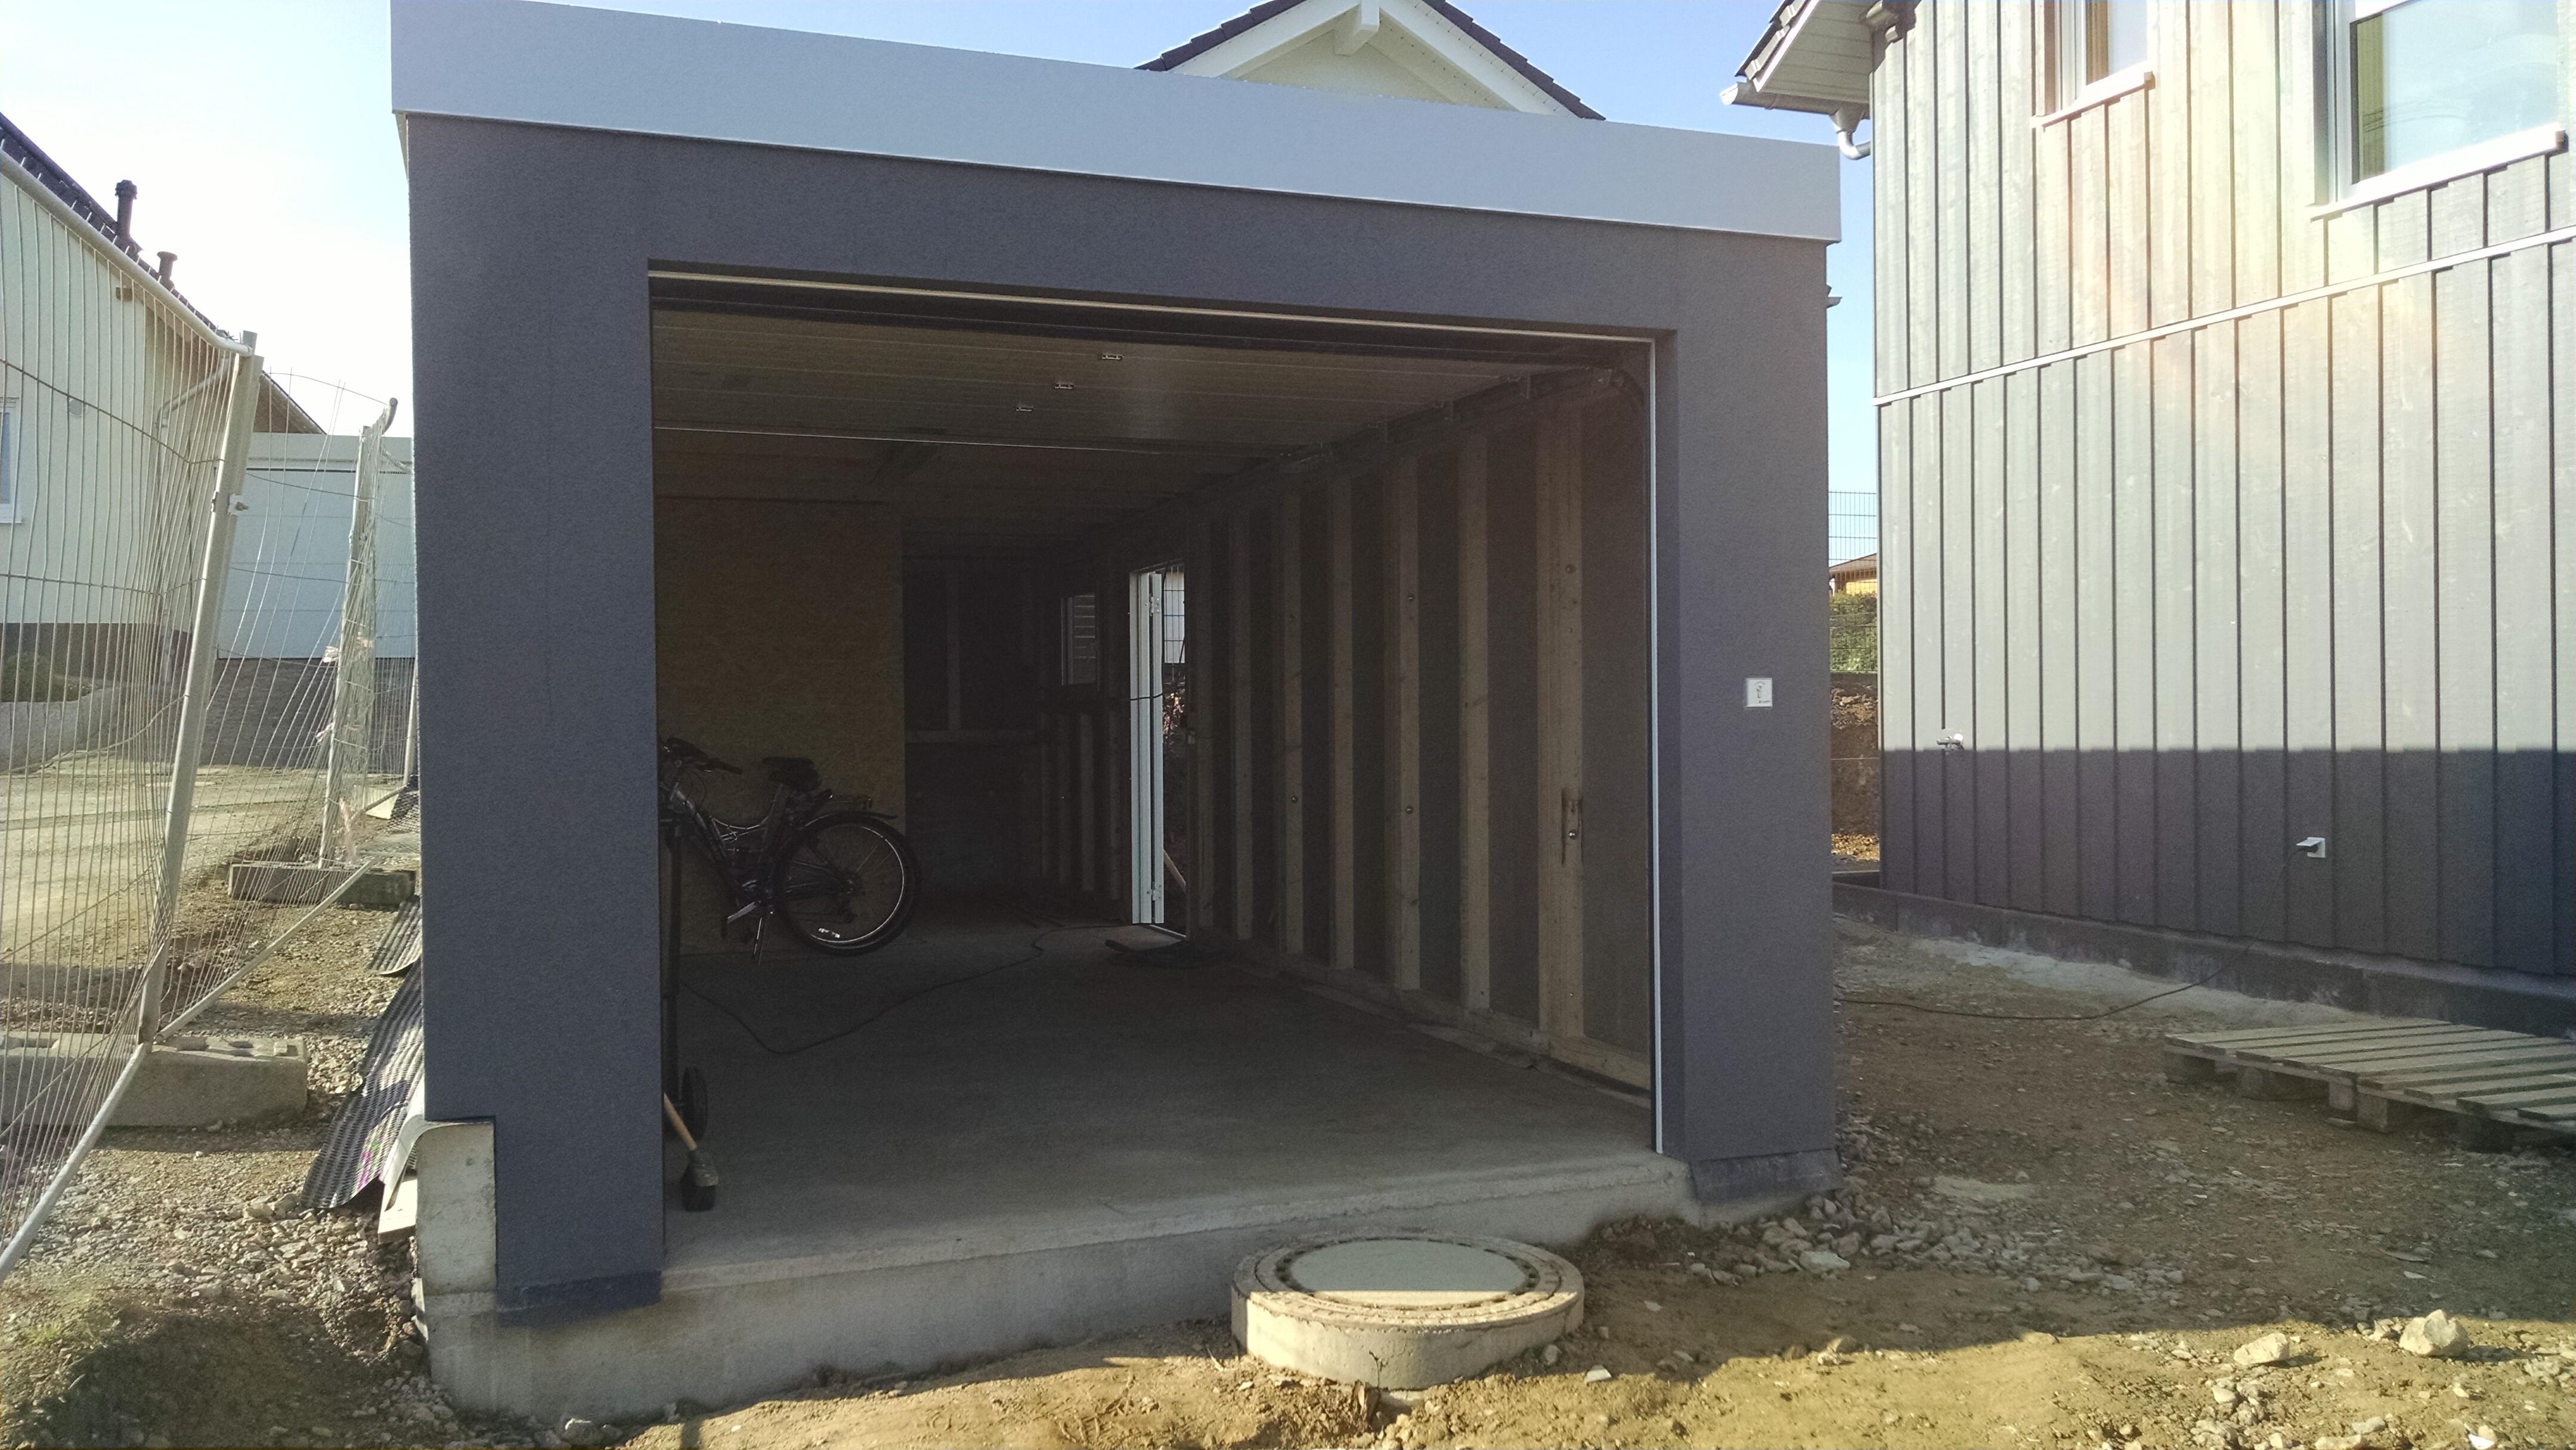 Fink Garage in Holzständerbauweise innen